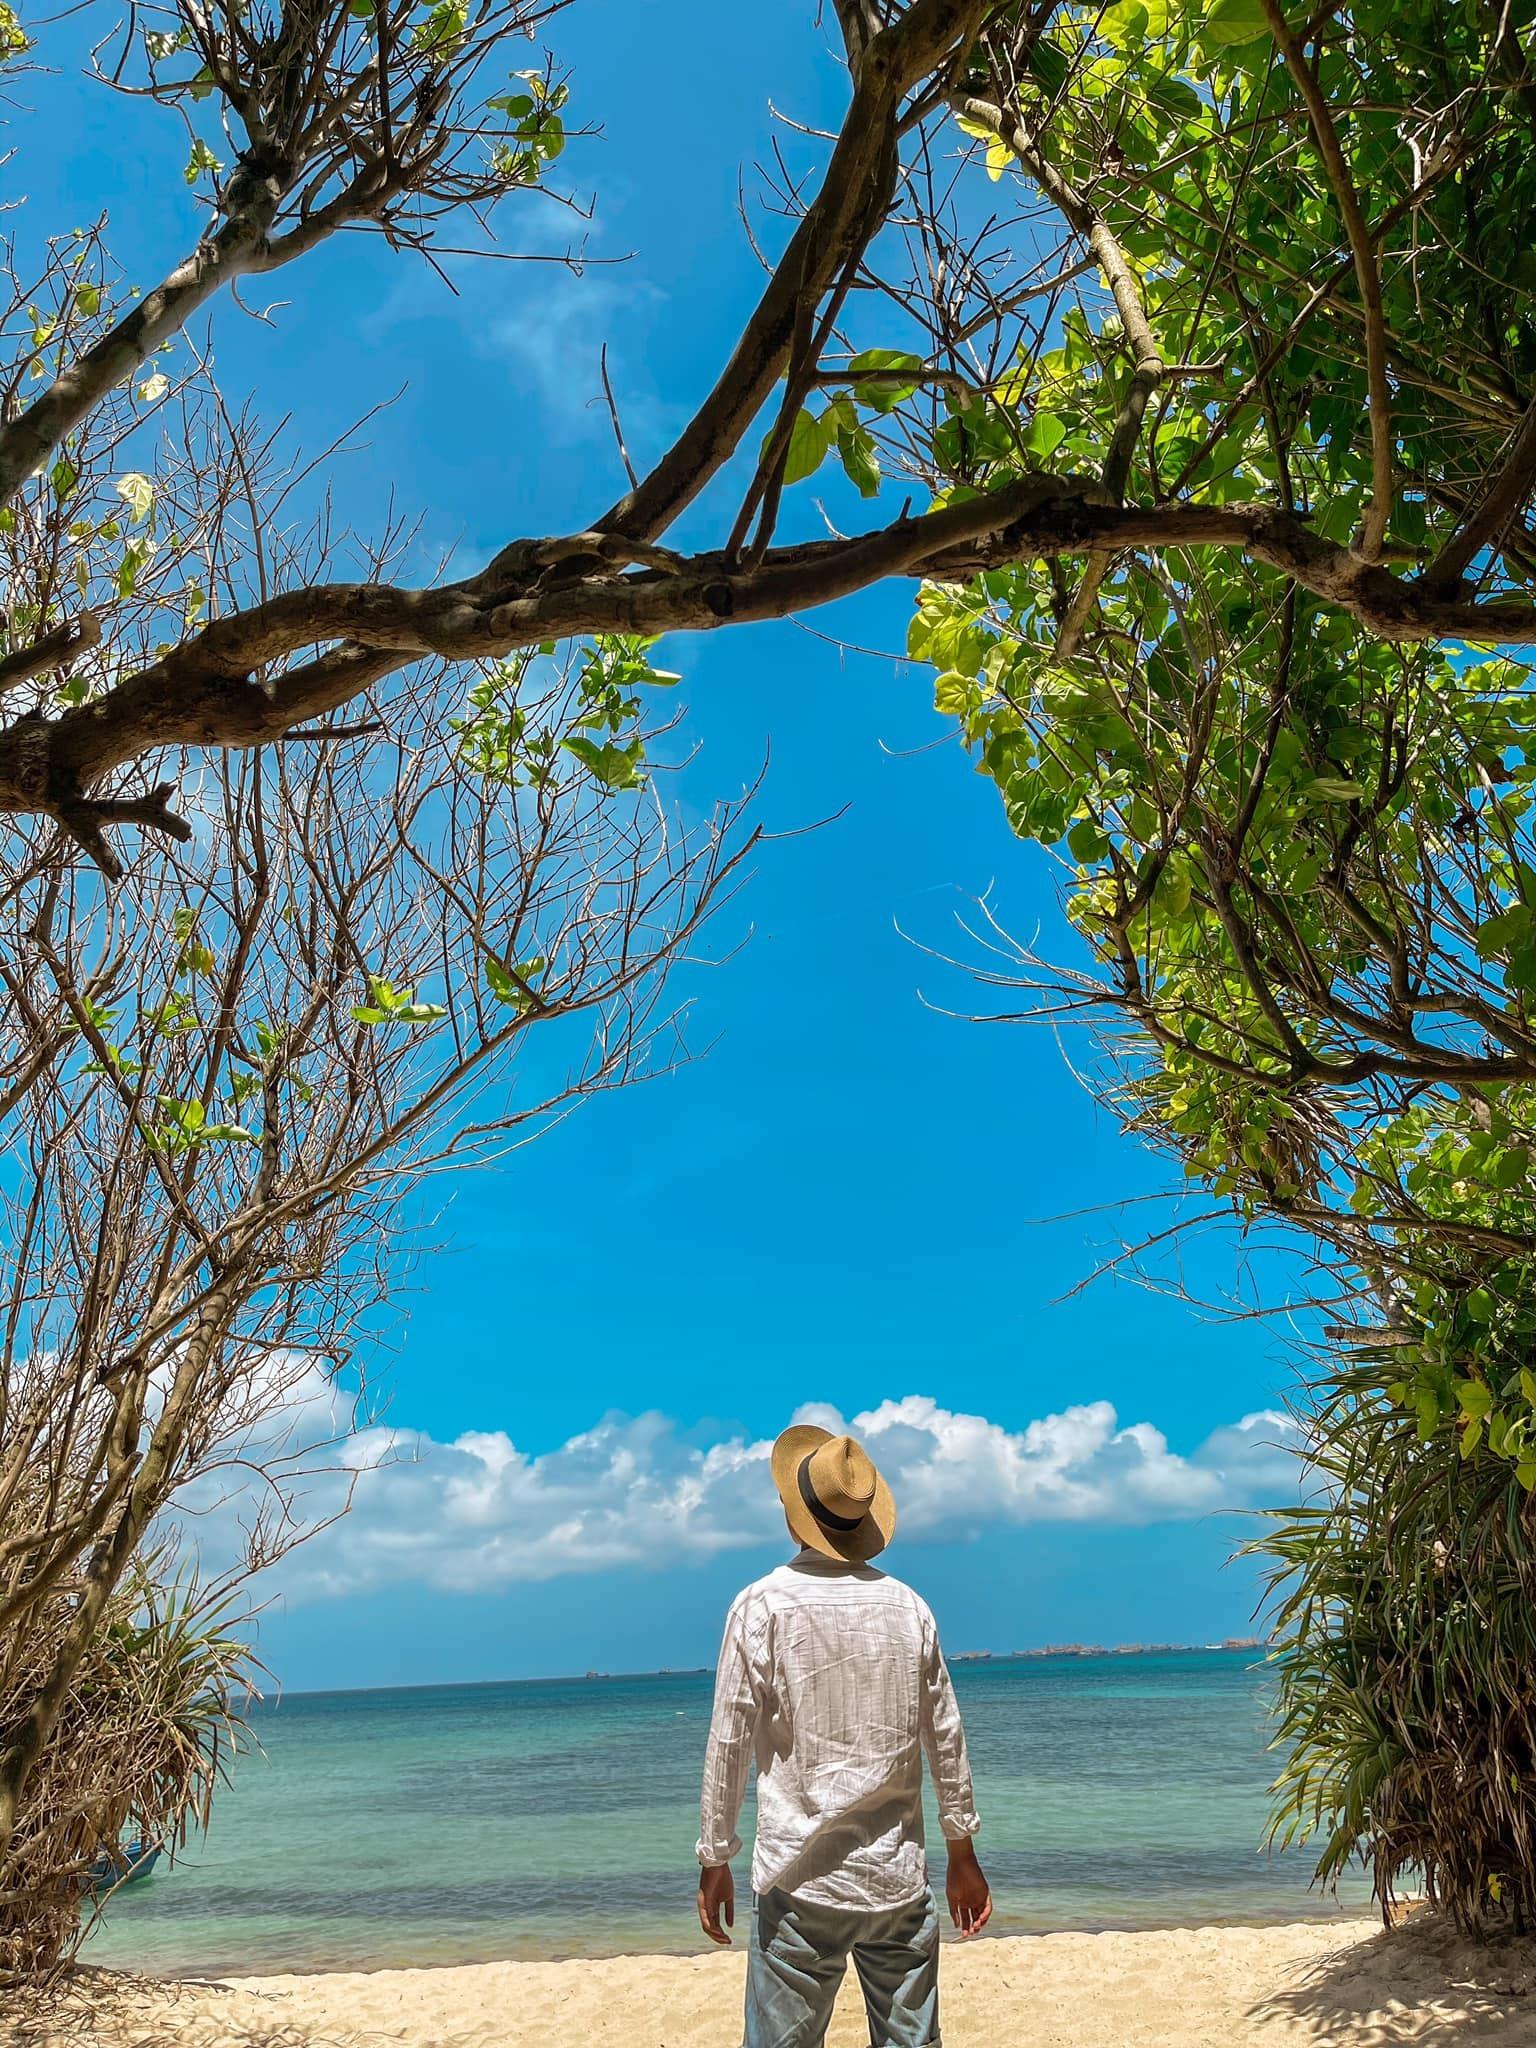 Kinh nghiệm du lịch đảo Phú Quý 1